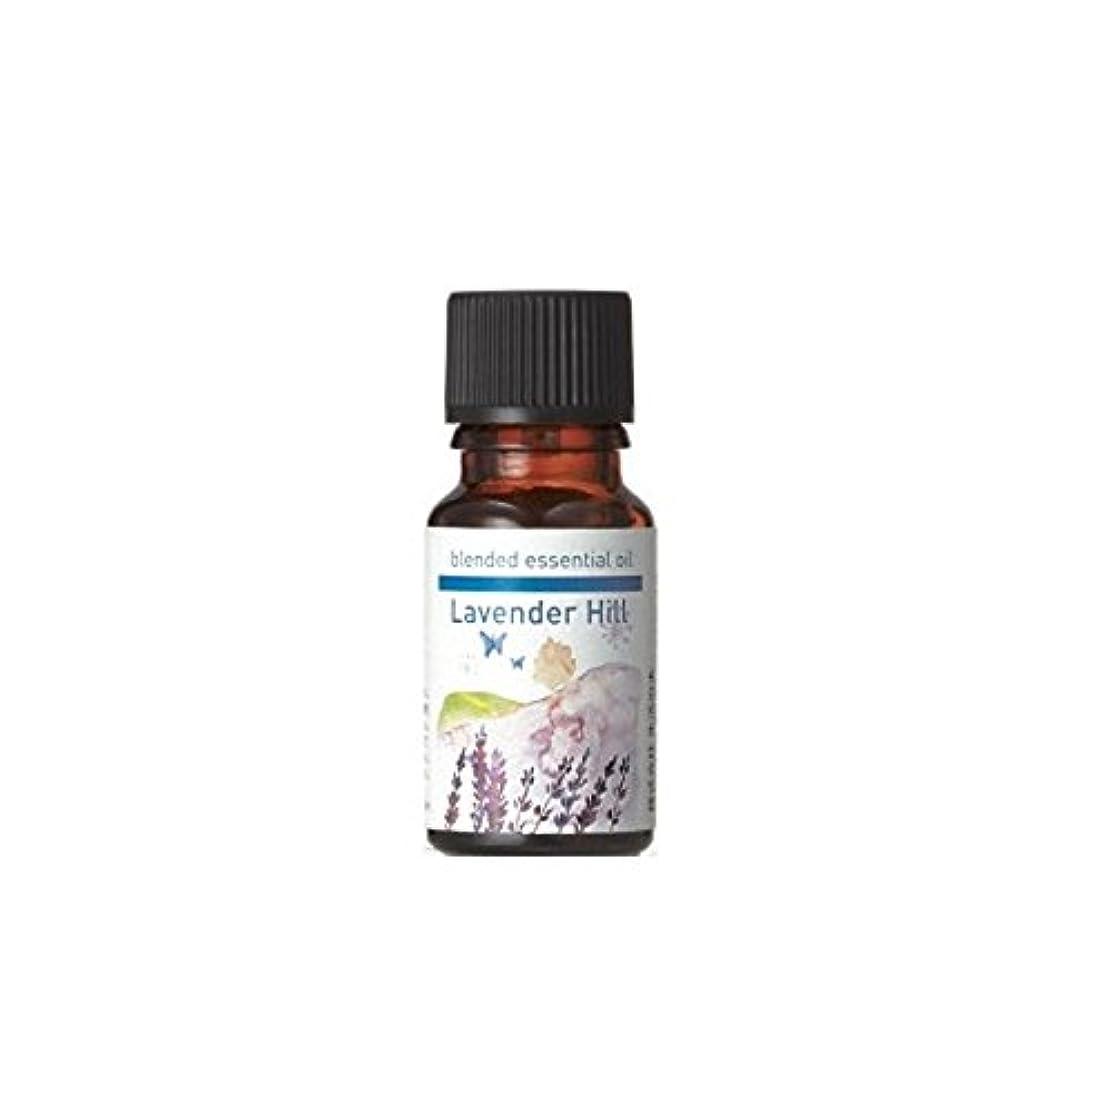 ほとんどない良心的満員生活の木 ブレンドエッセンシャルオイル ラベンダーヒル [30ml] エッセンシャルオイル/精油